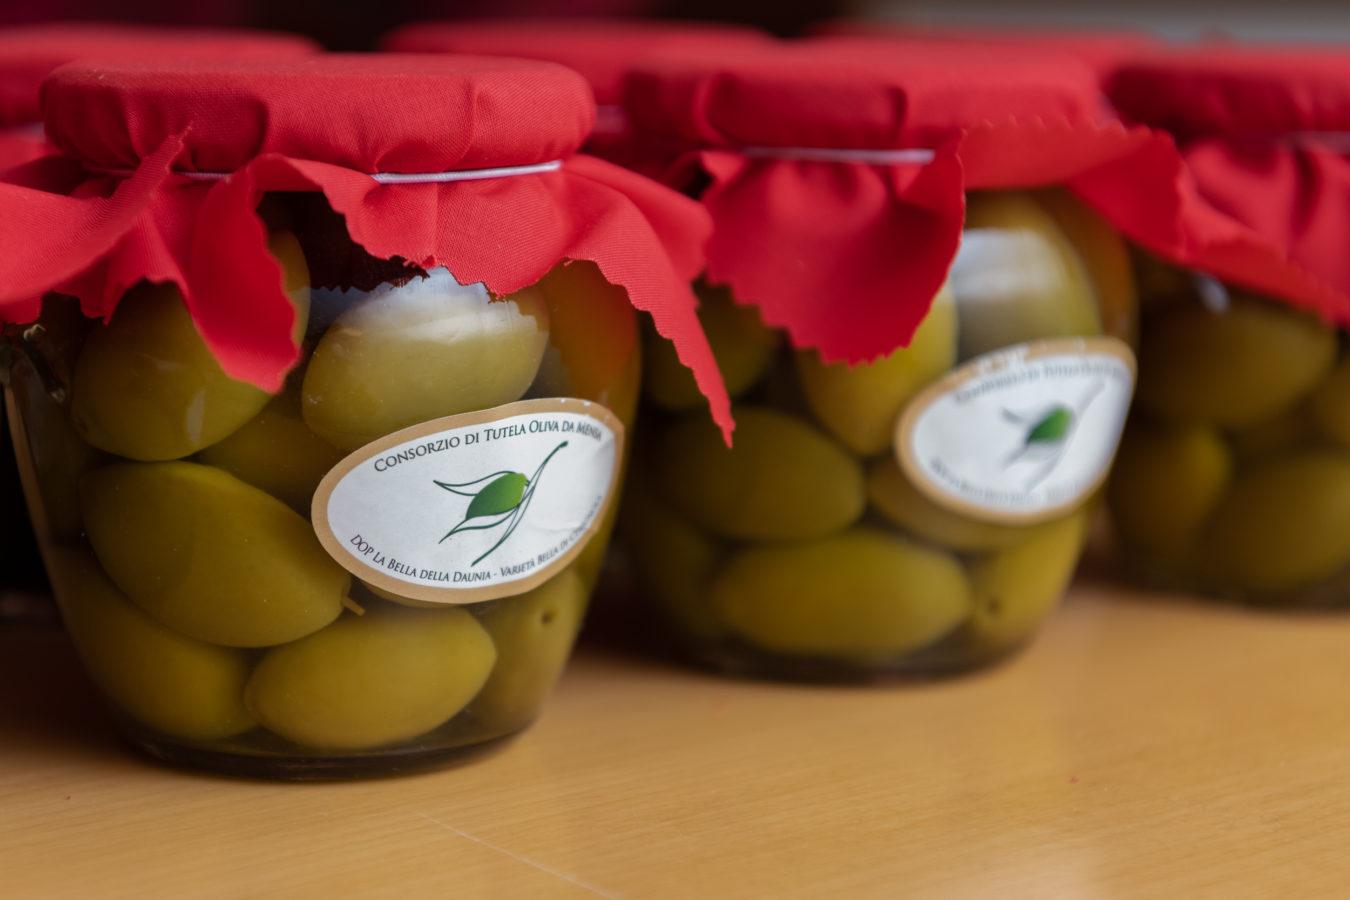 Interview de Stefano Pavoncelli: La première des olives est très grande et donc unique